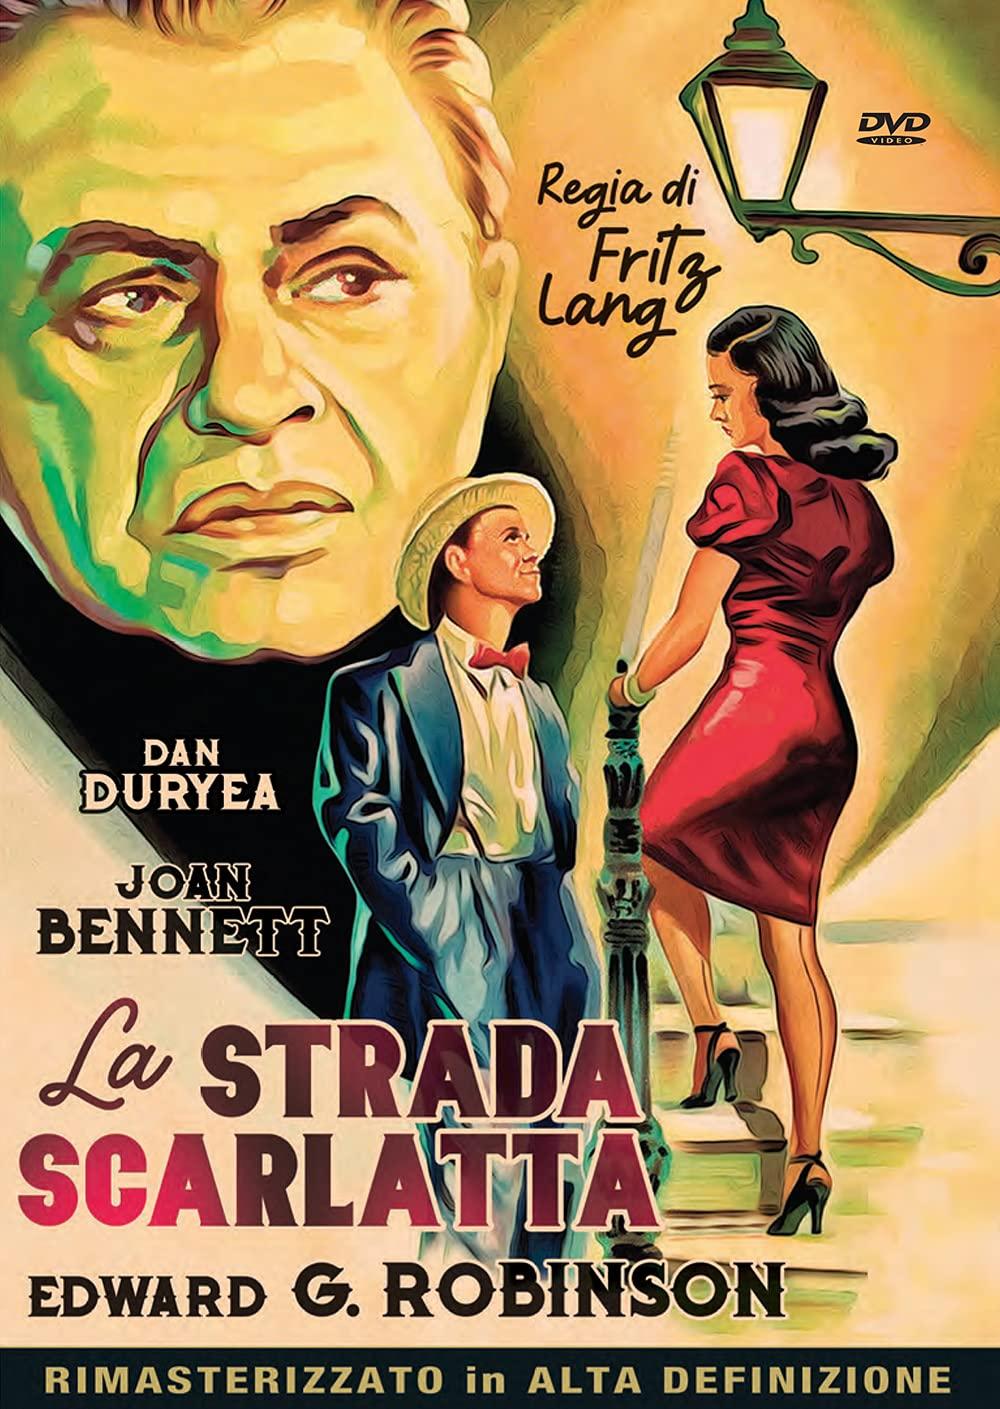 LA STRADA SCARLATTA (DVD)